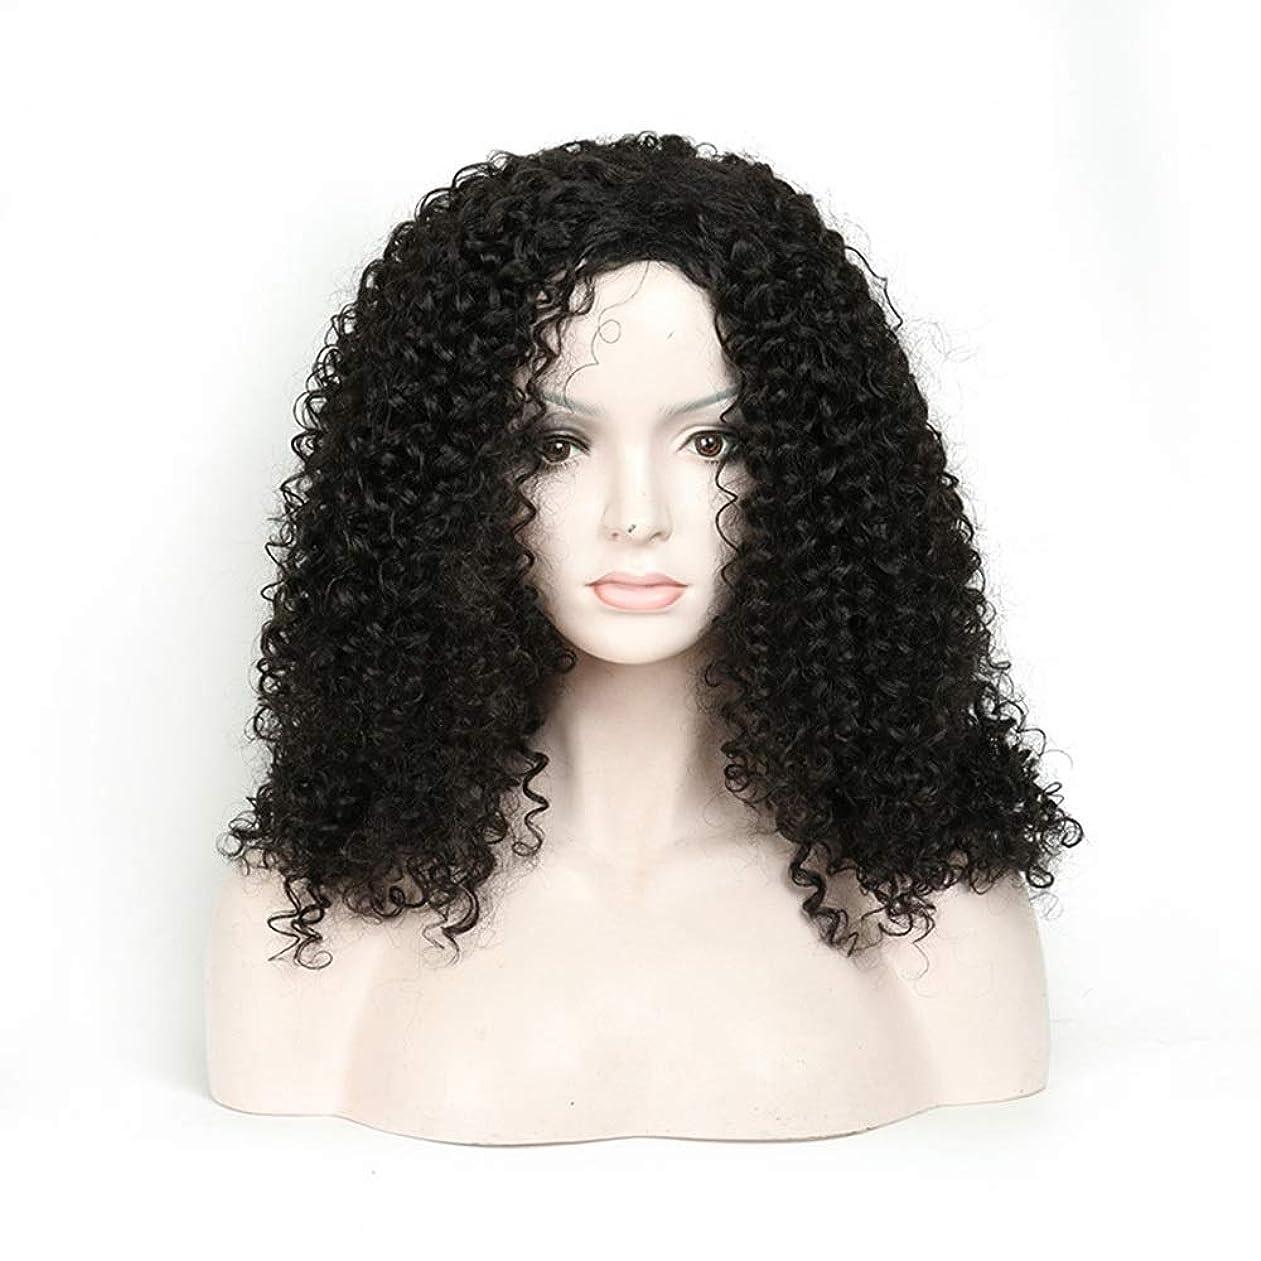 ペルー年死すべきMayalina 人工毛アフリカブラックロングカーリーウィッグ18インチ女性用デイリードレスパーティーウィッグ (色 : 黒)